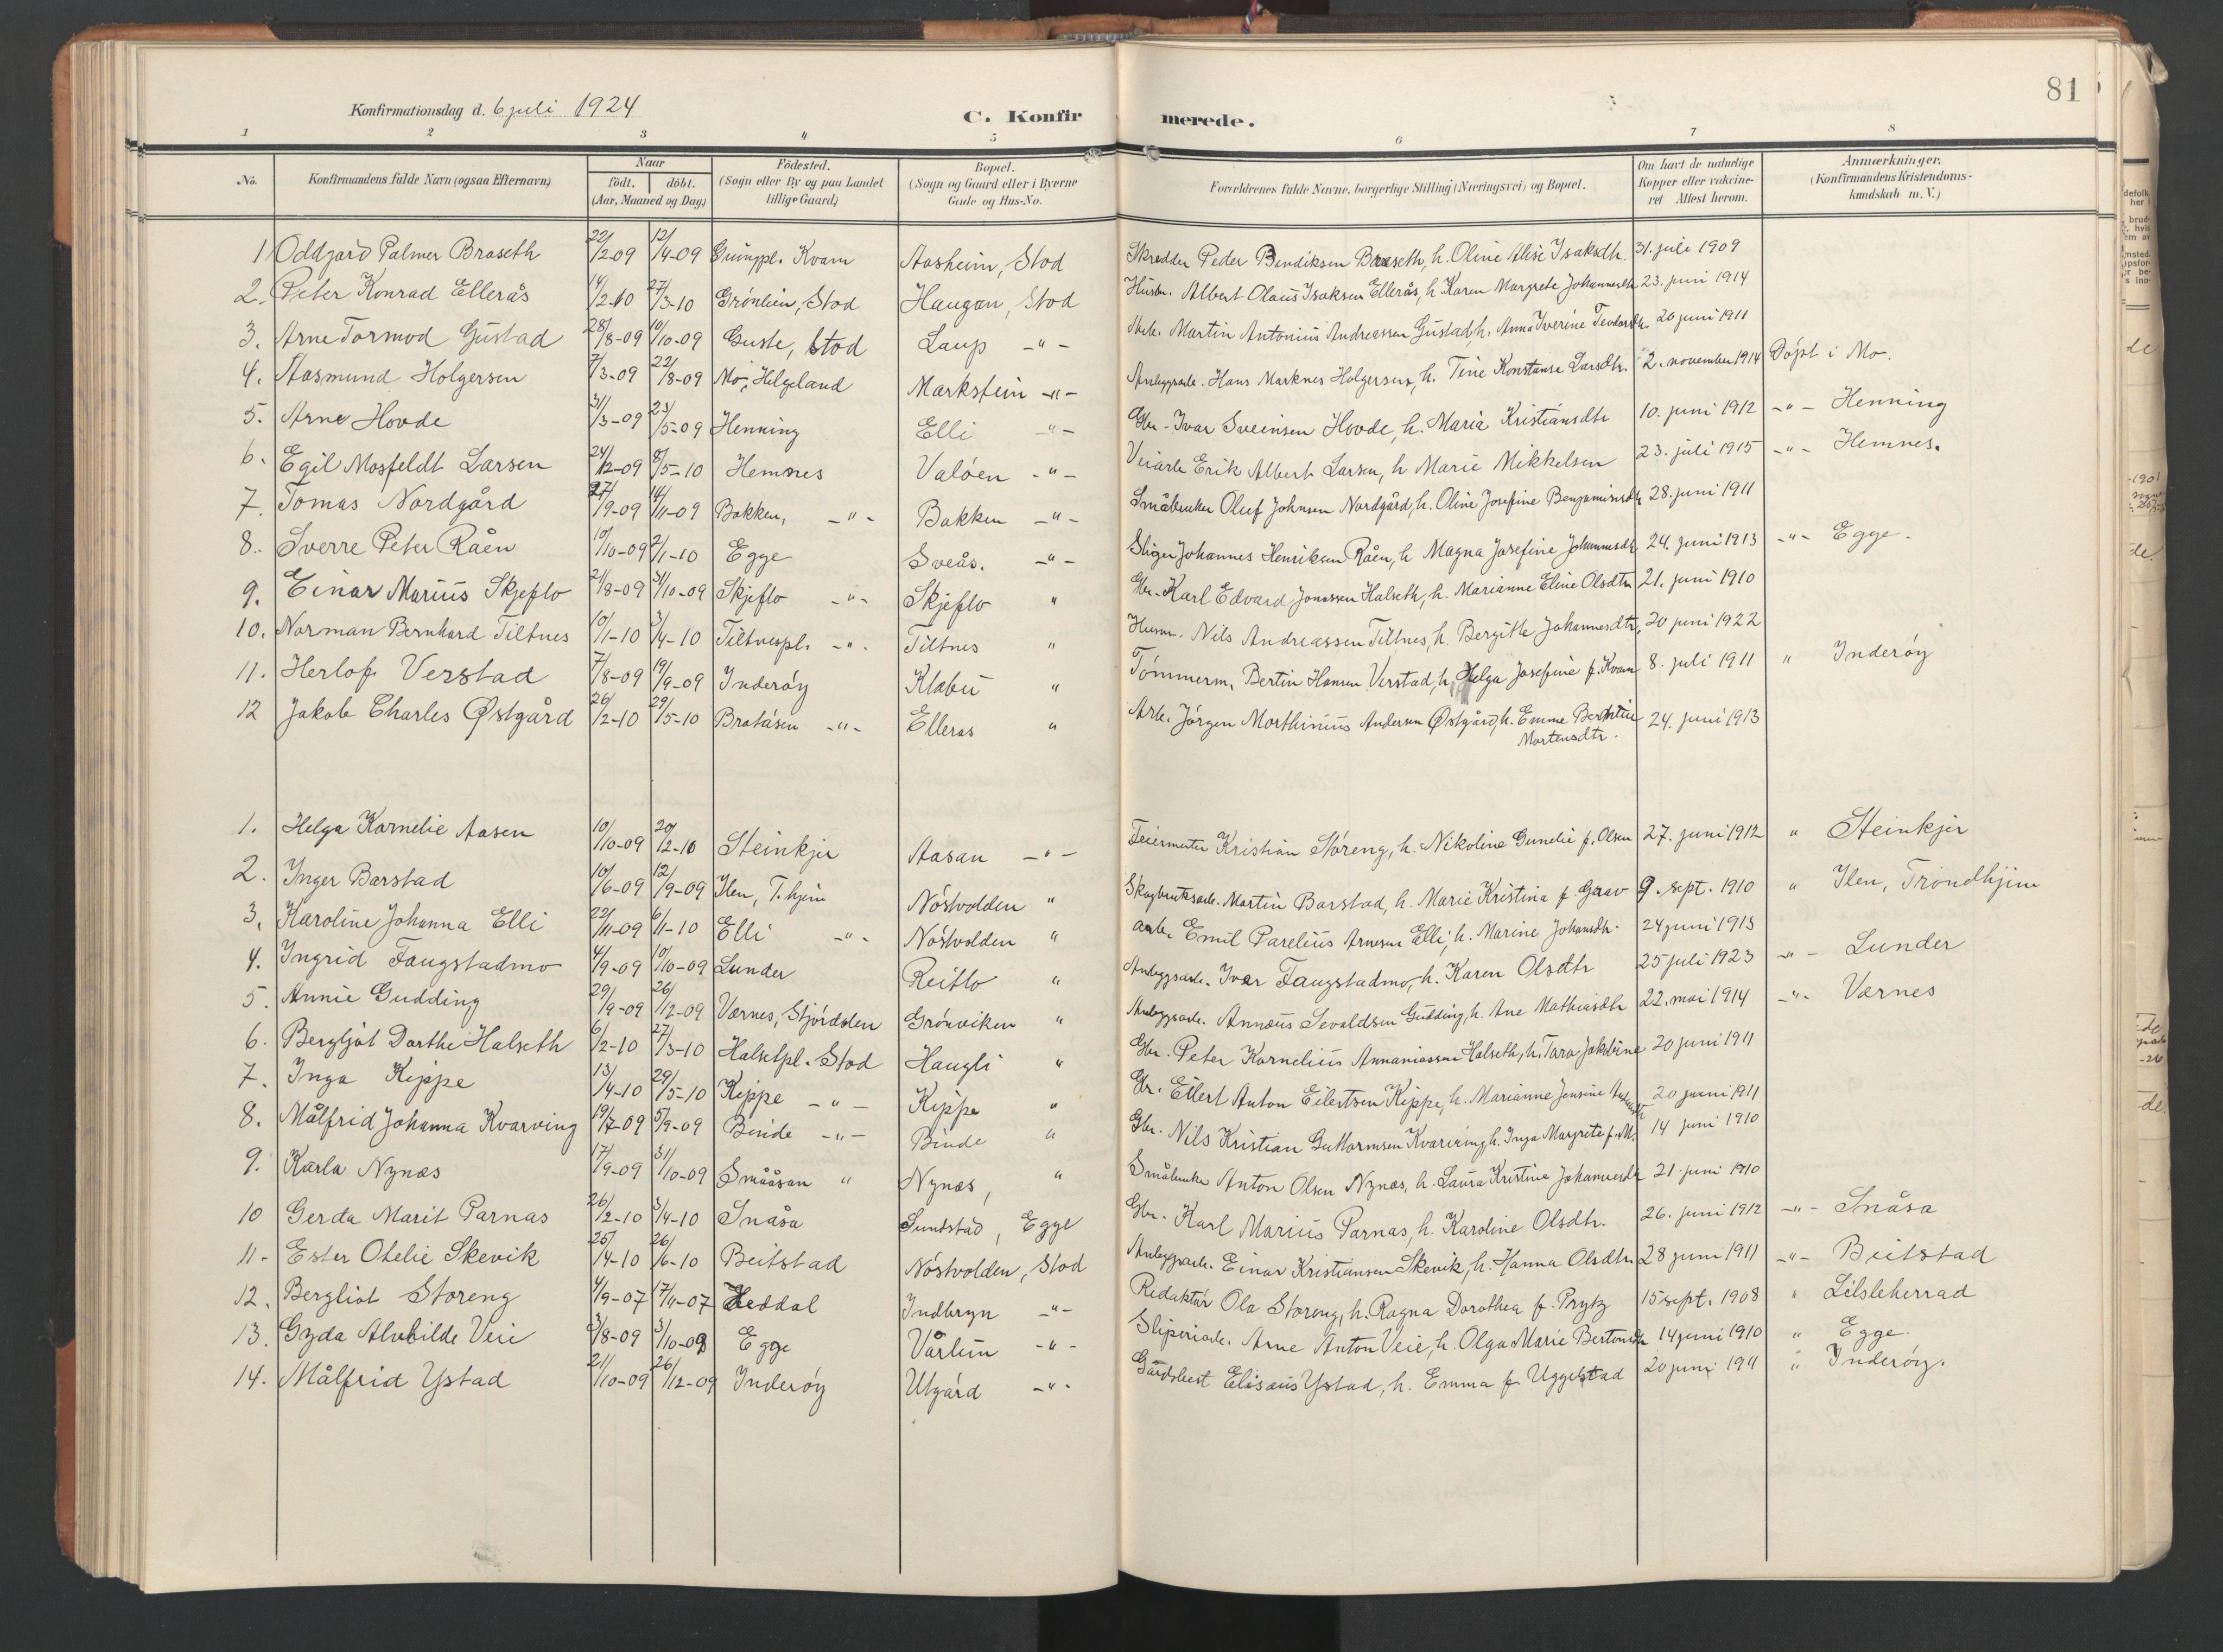 SAT, Ministerialprotokoller, klokkerbøker og fødselsregistre - Nord-Trøndelag, 746/L0455: Klokkerbok nr. 746C01, 1908-1933, s. 81